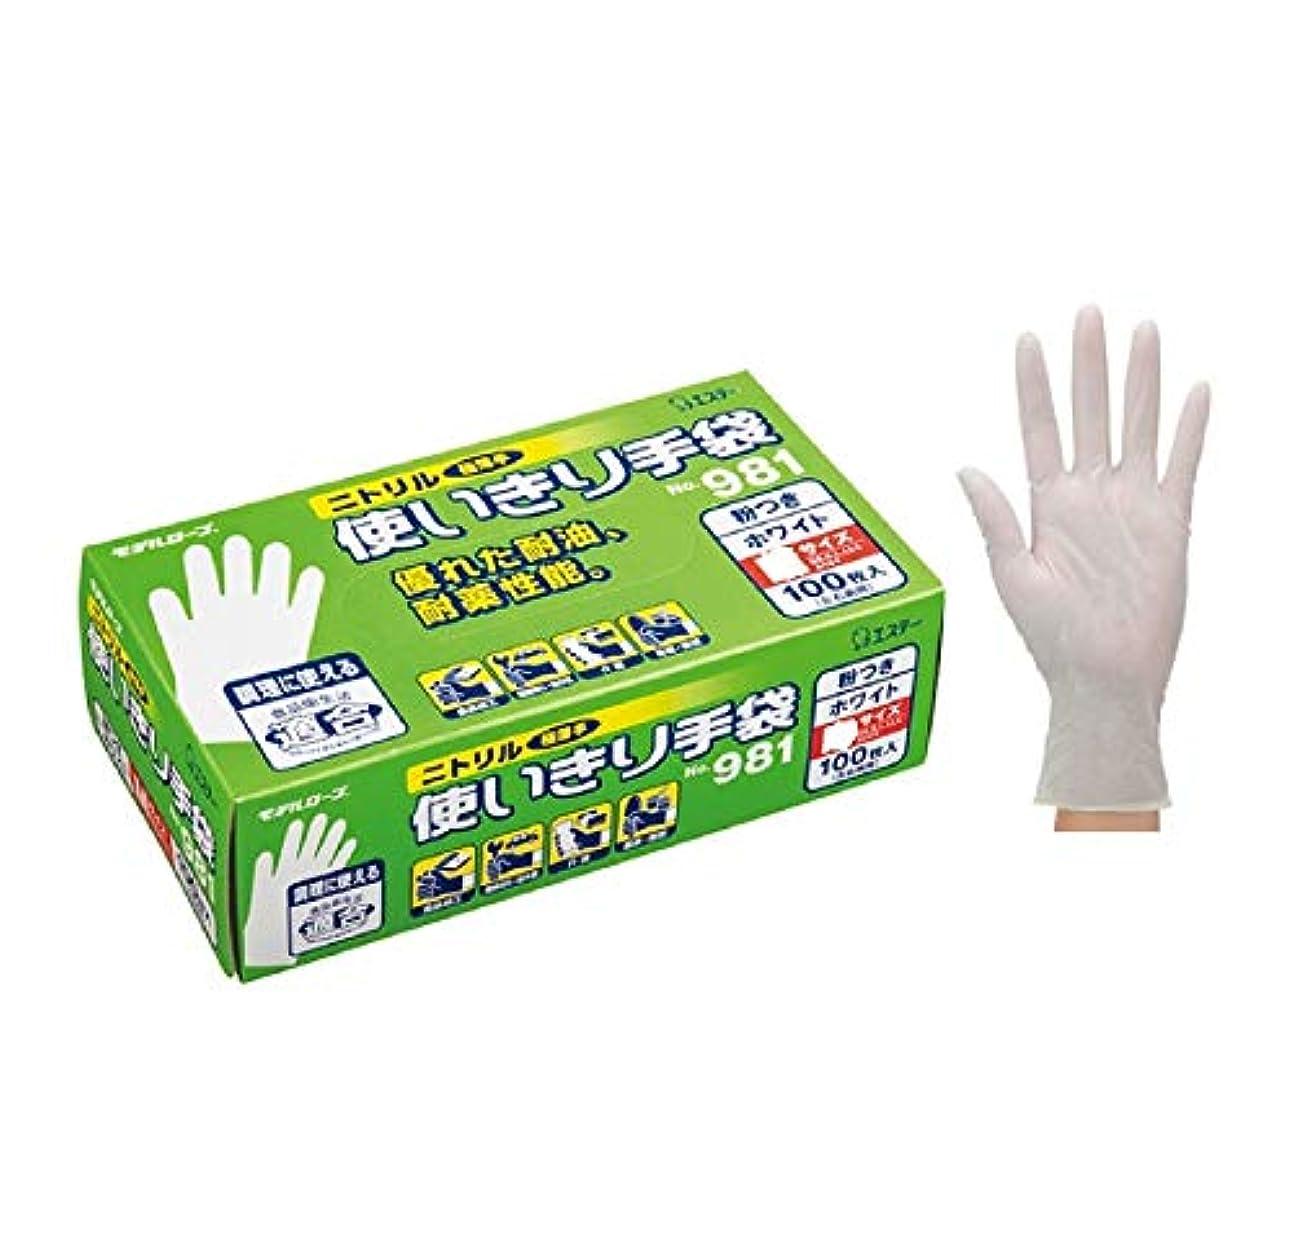 強制動かないエイズインテリア 日用雑貨 掃除用品 ニトリル手袋 粉付 No981 S 12箱